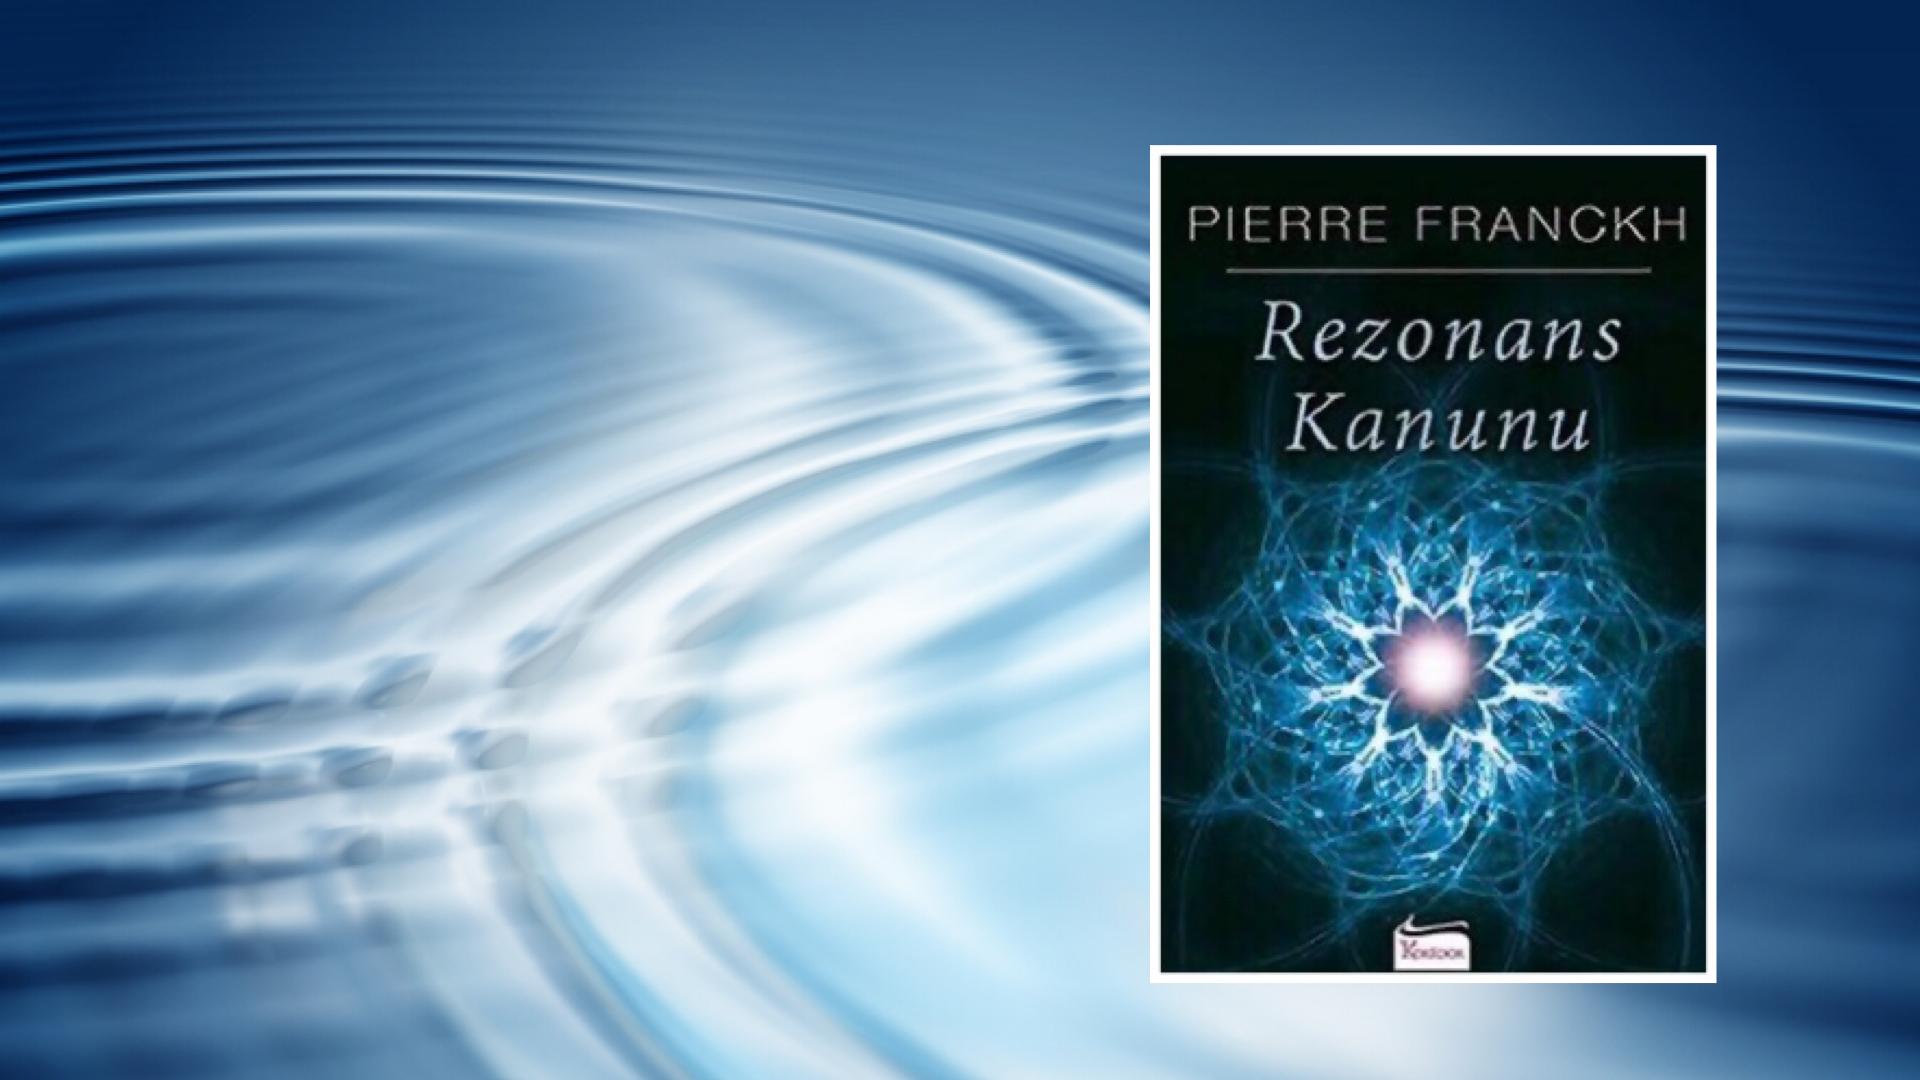 Kitap: Rezonans Kanunu   Yazar: Pierre Franckh   Yorumlayan: Hülya Erarslan